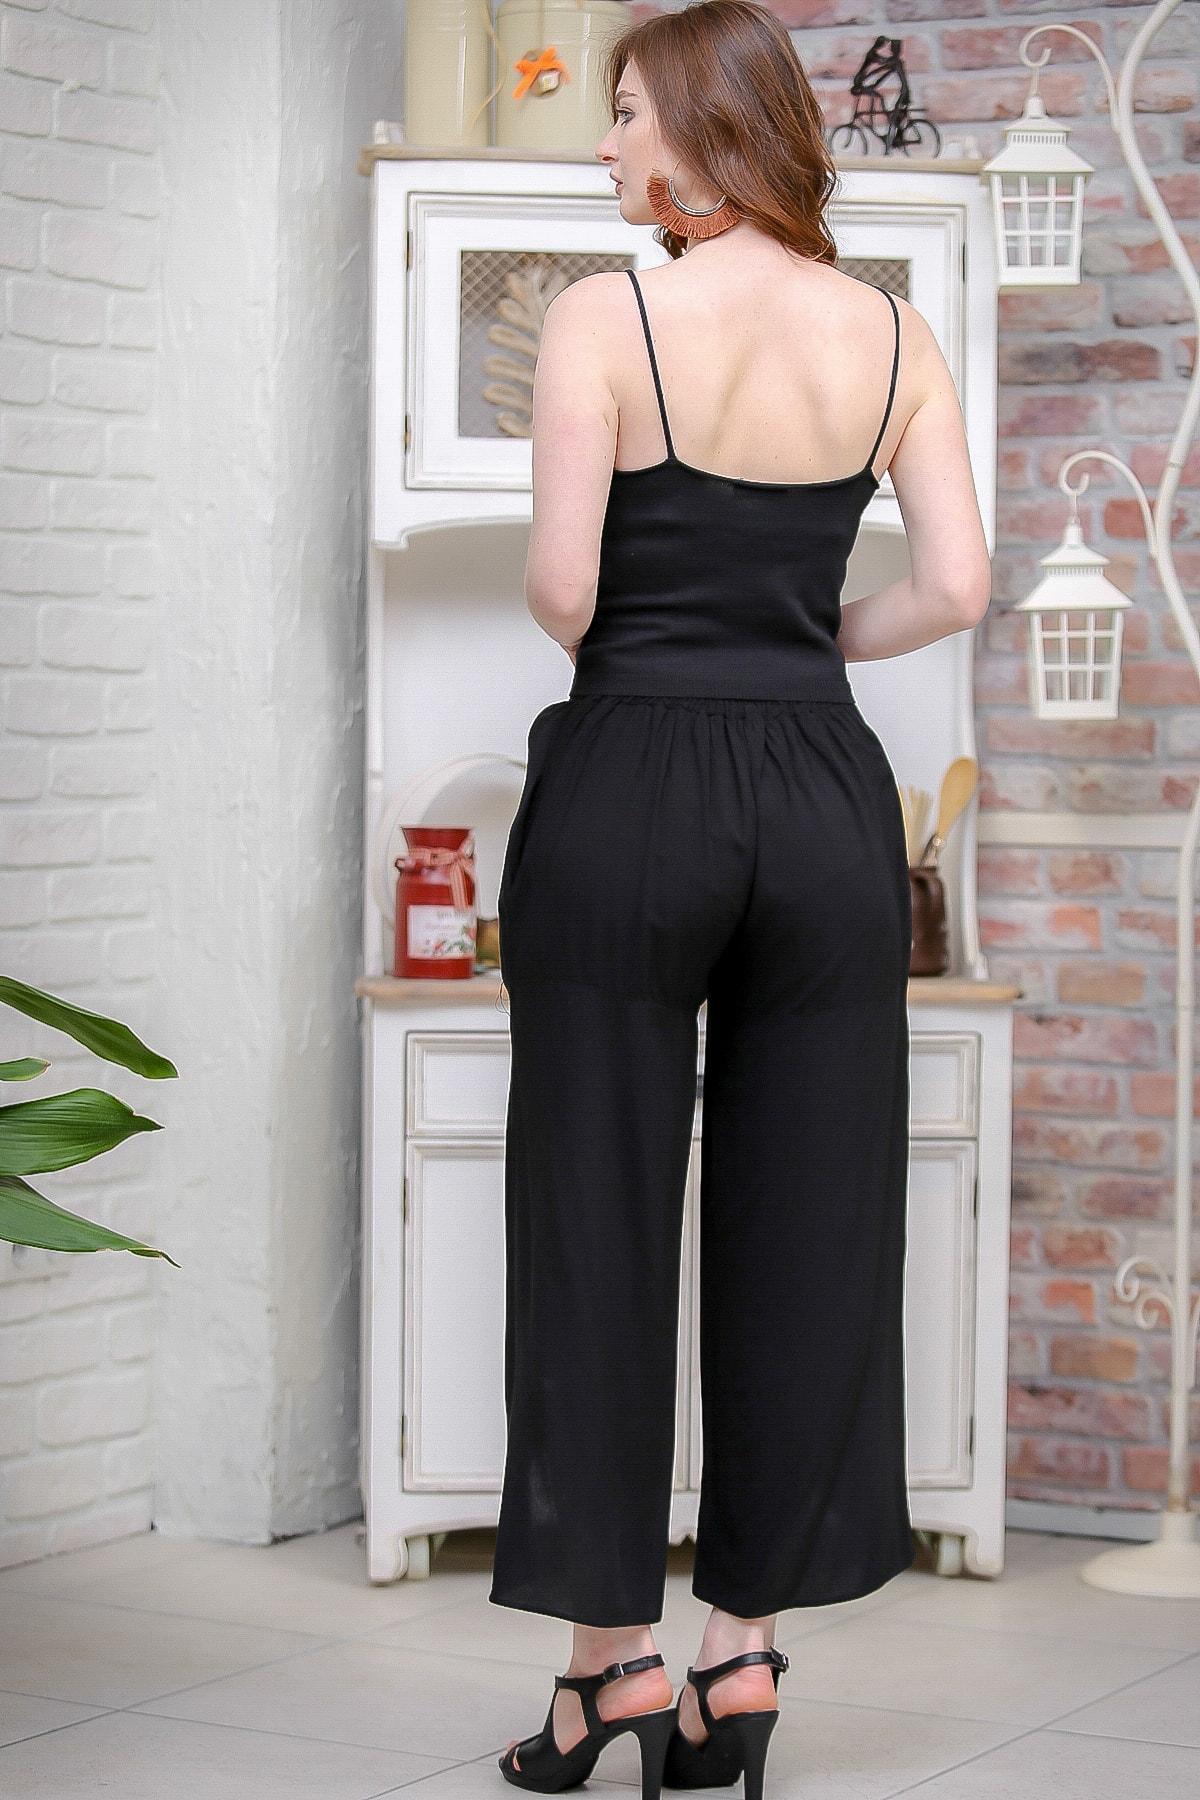 Chiccy Kadın Siyah Vintage Dev Yırtmaçlı Çiçek Nakış Detaylı Pantolon M10060000PN99179 4